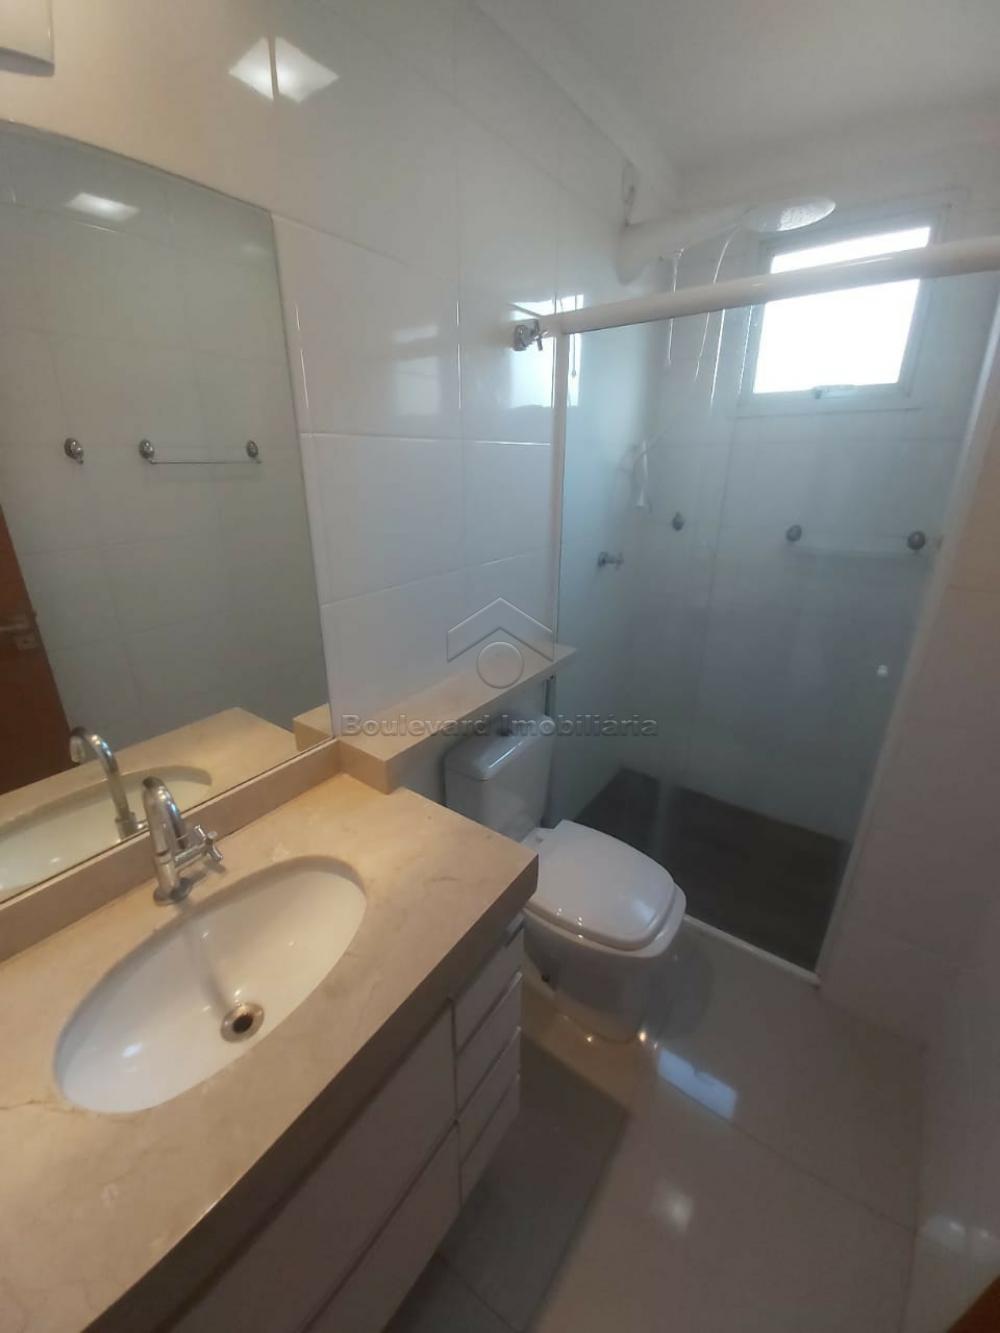 Comprar Apartamento / Padrão em Ribeirão Preto R$ 560.000,00 - Foto 9